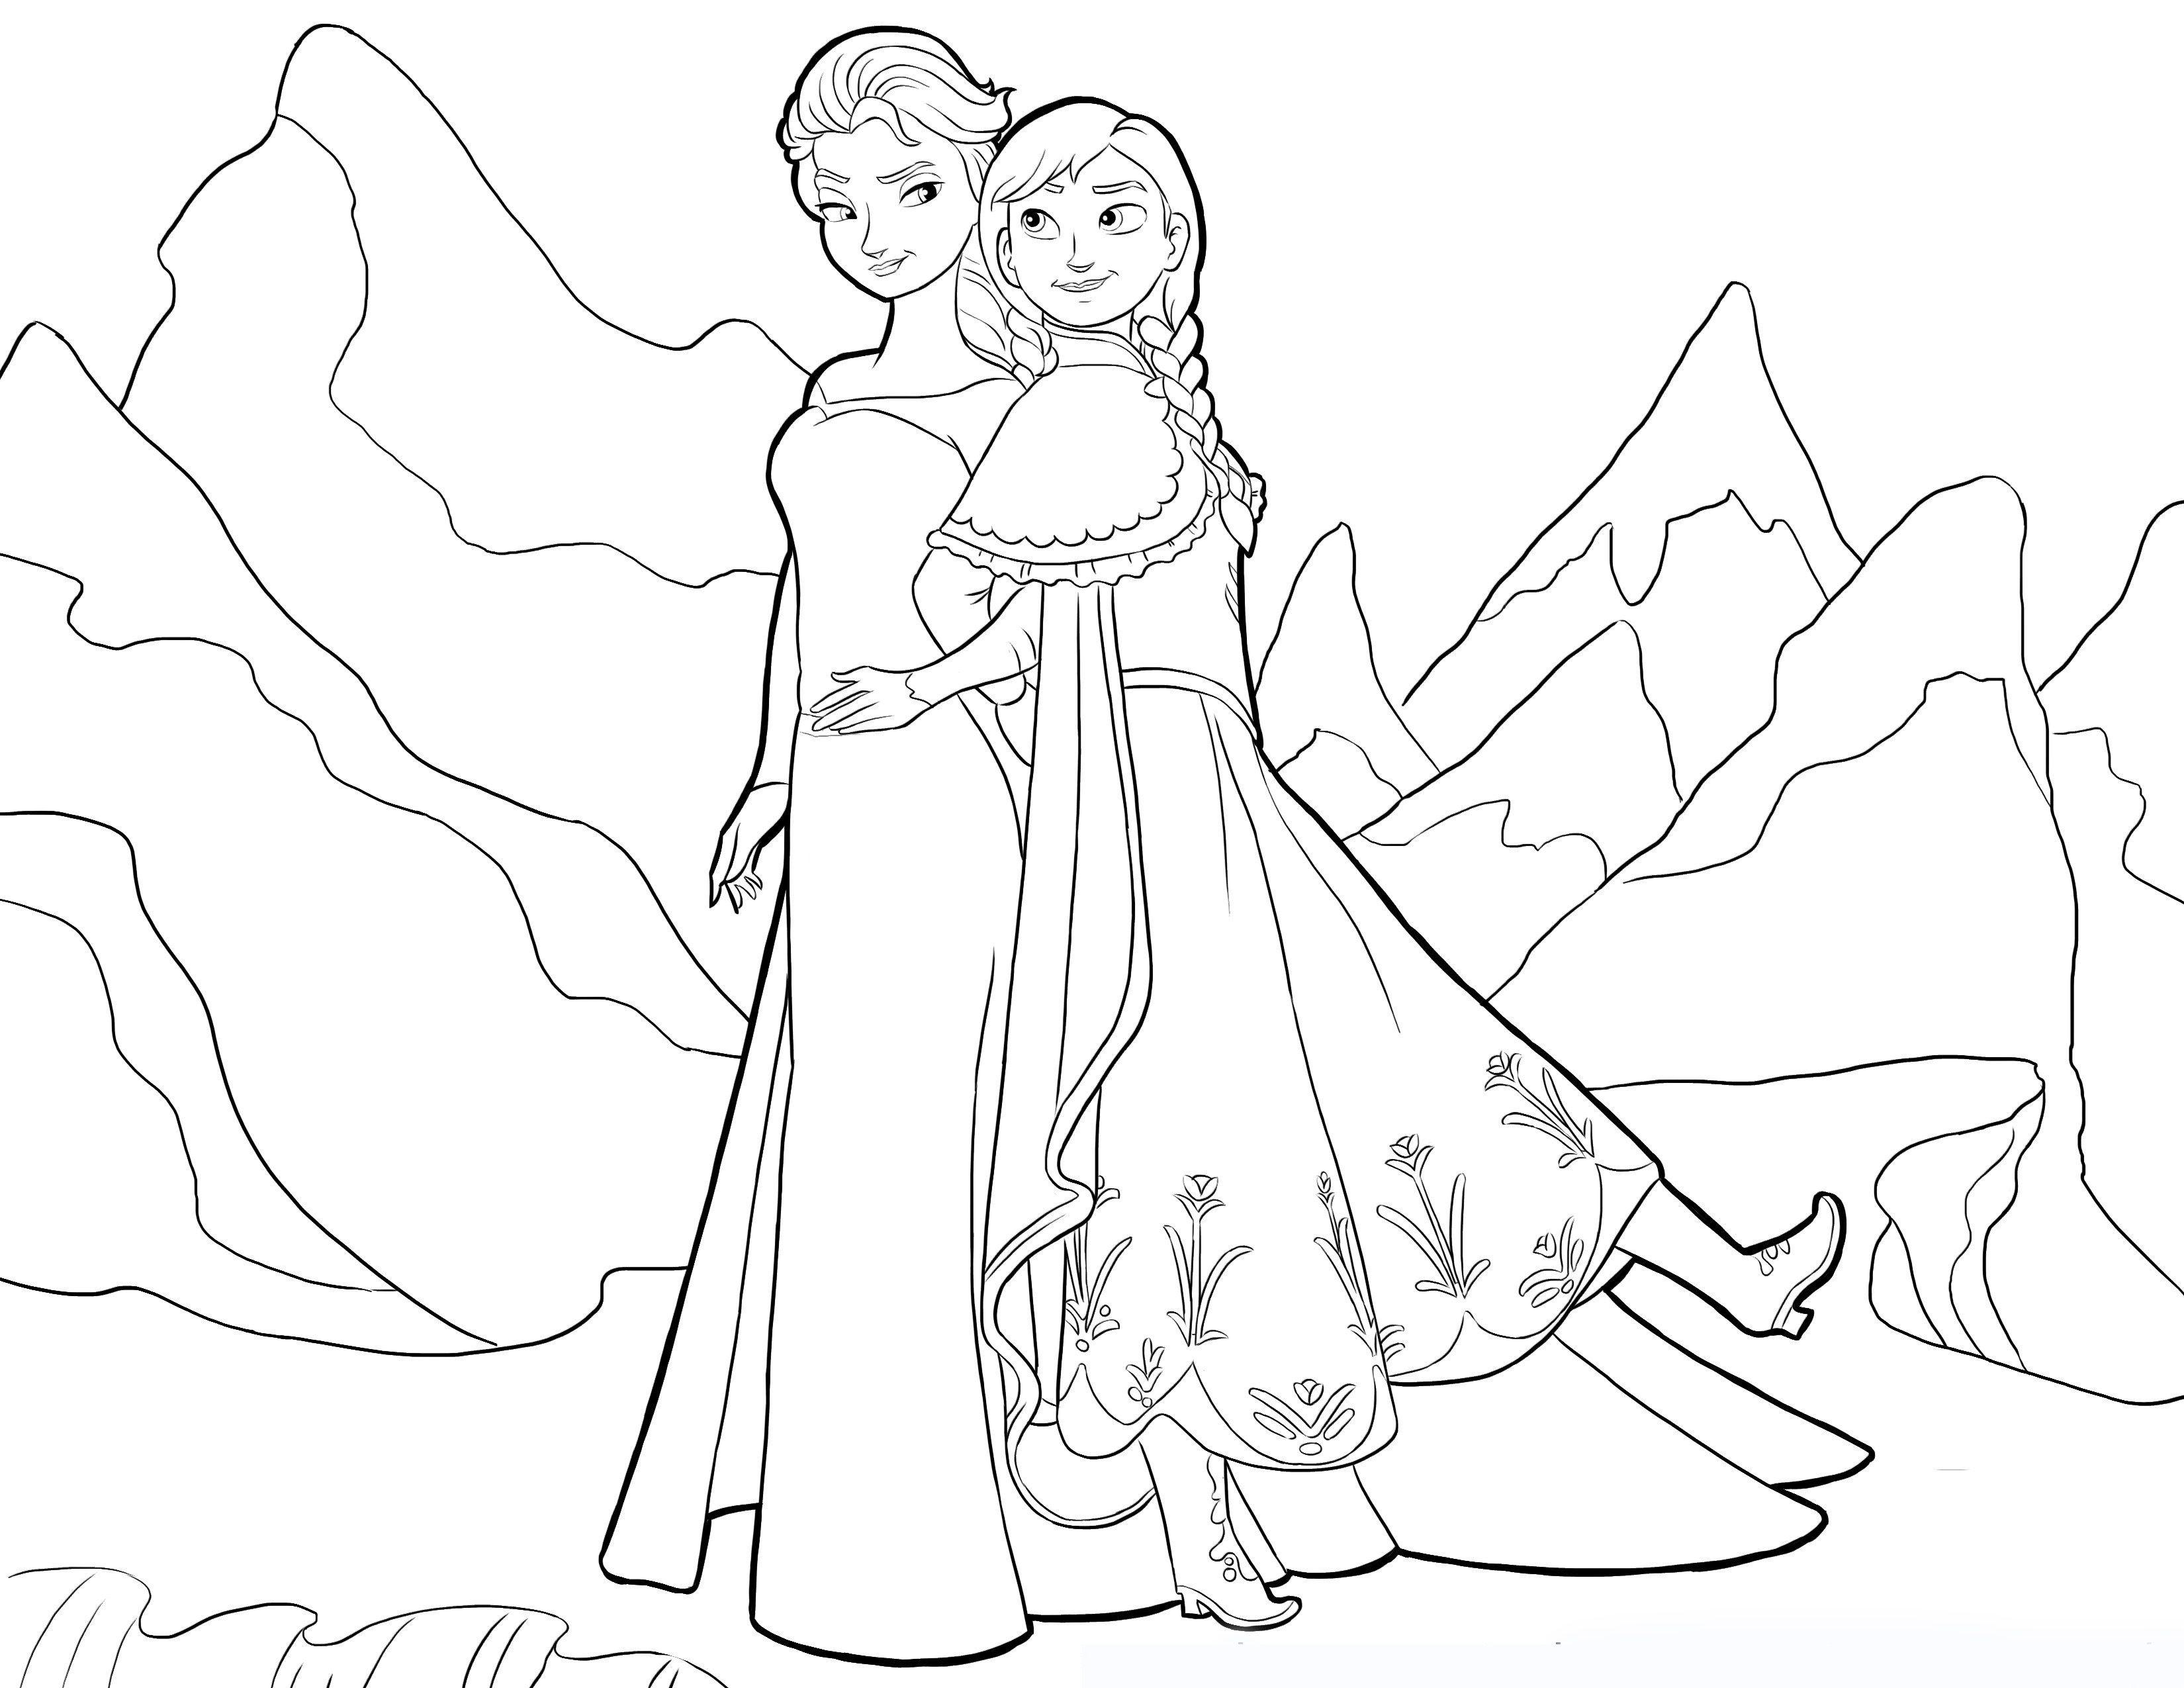 Frozen 4 Dibujos Faciles Para Dibujar Para Ninos Colorear Frozen Para Colorear Paginas Para Colorear Disney Frozen Para Pintar